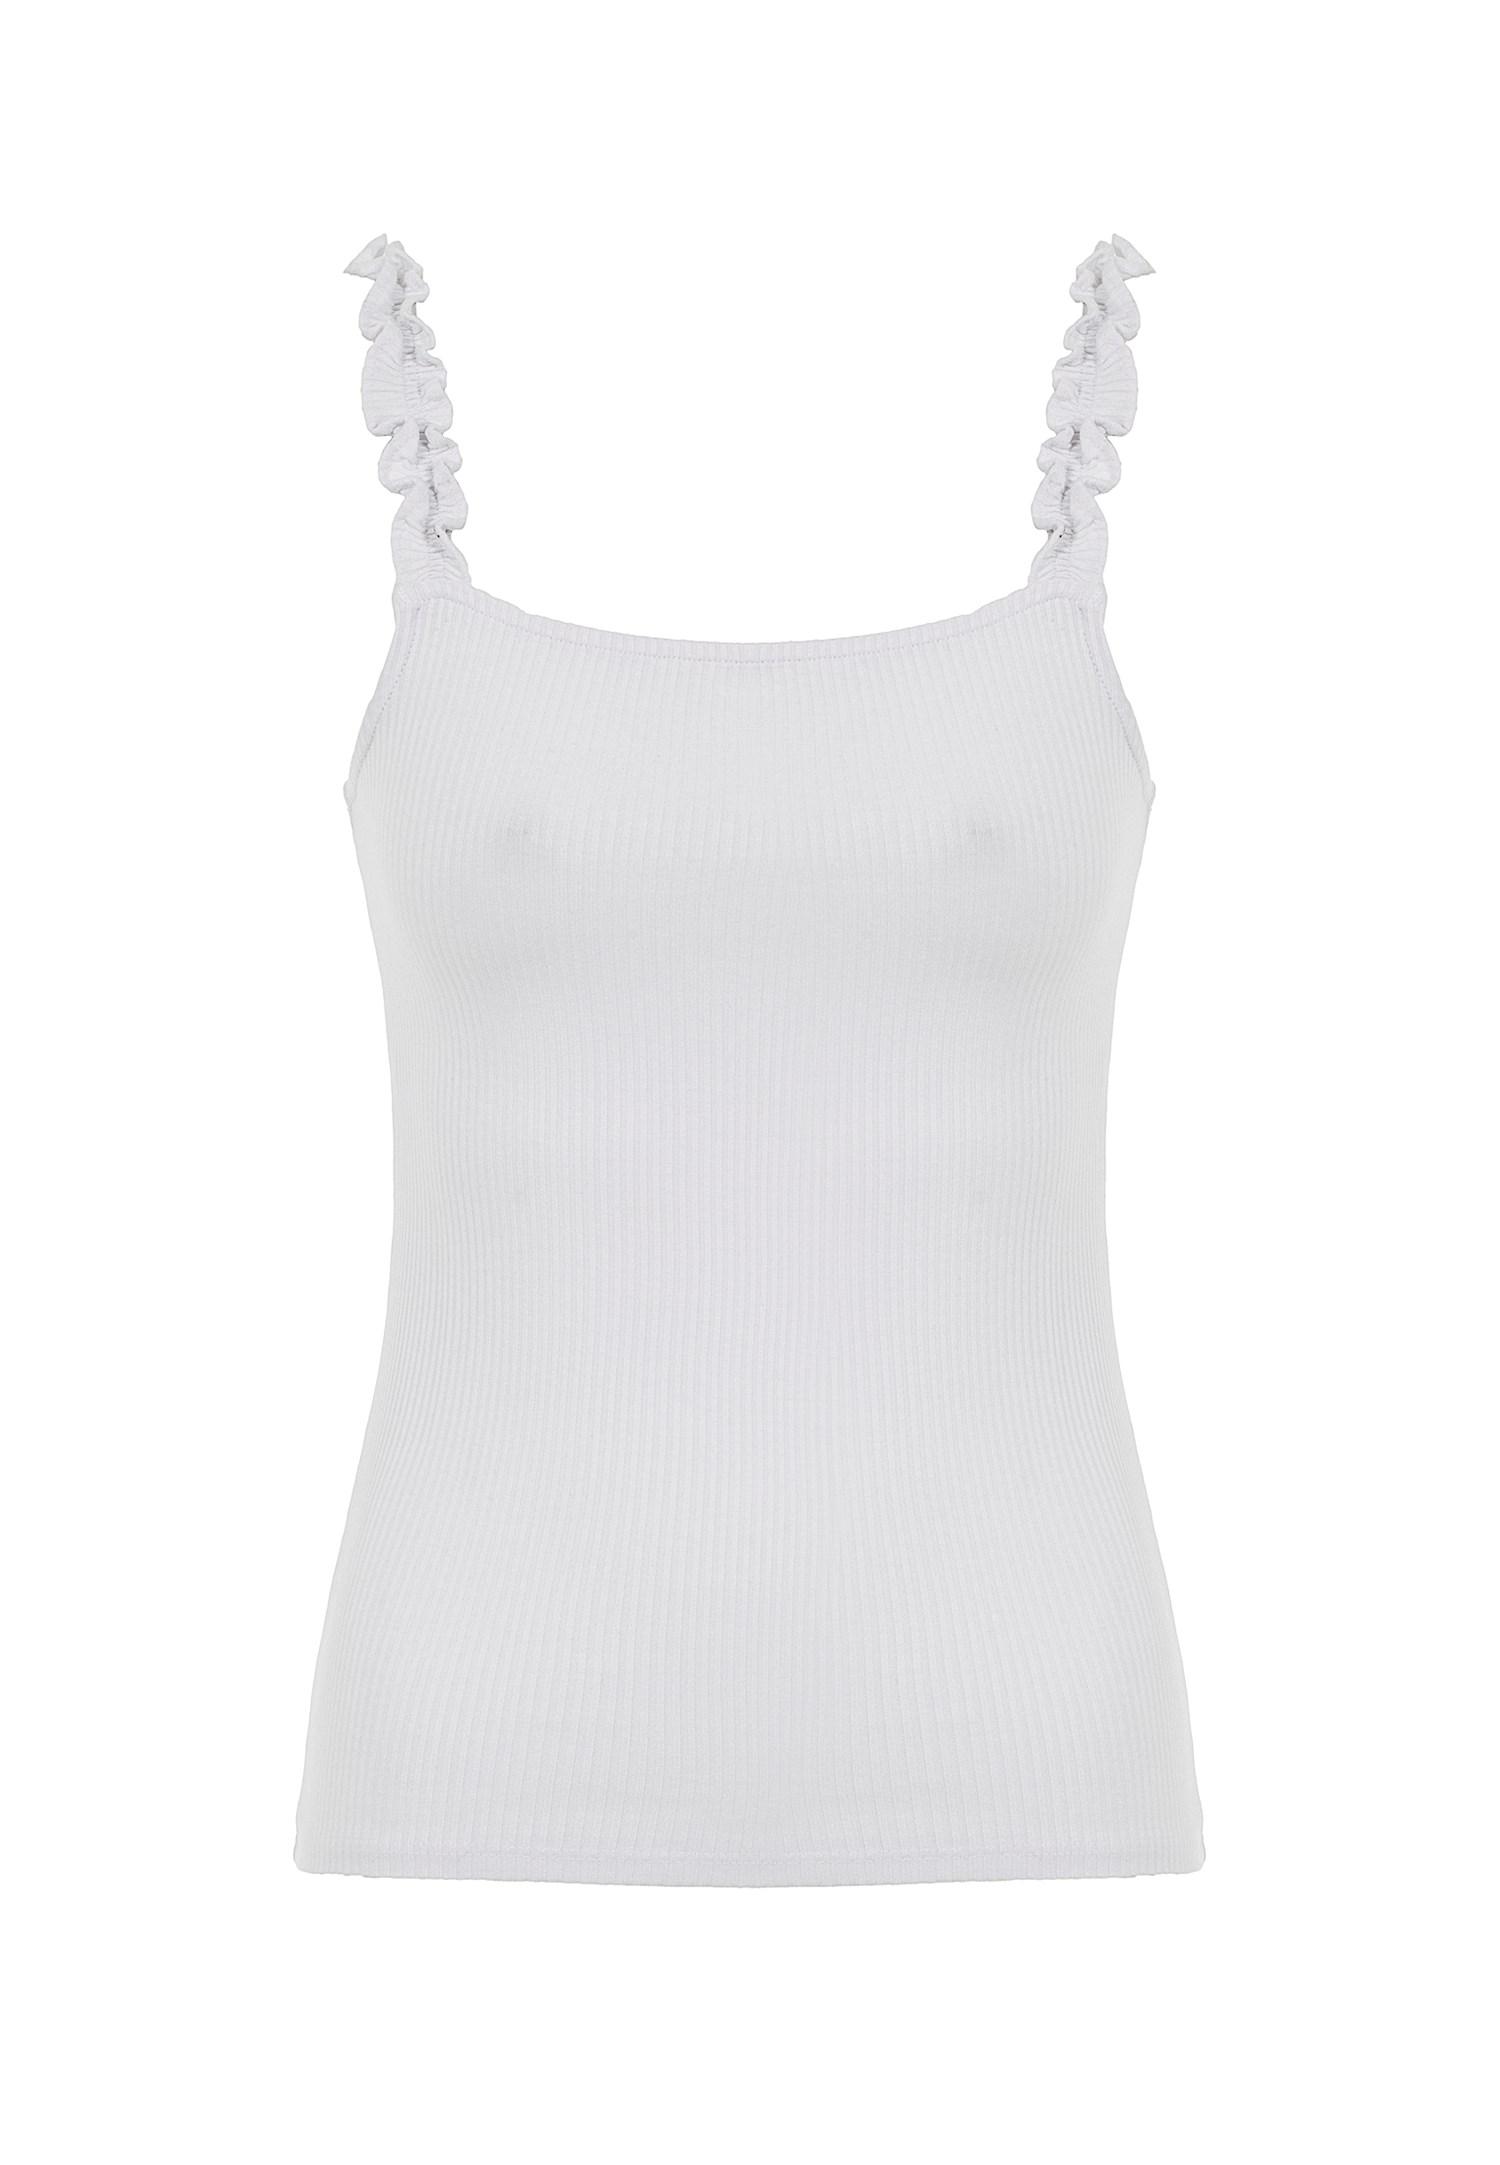 Bayan Beyaz Askıları Fırfır Detaylı Bluz